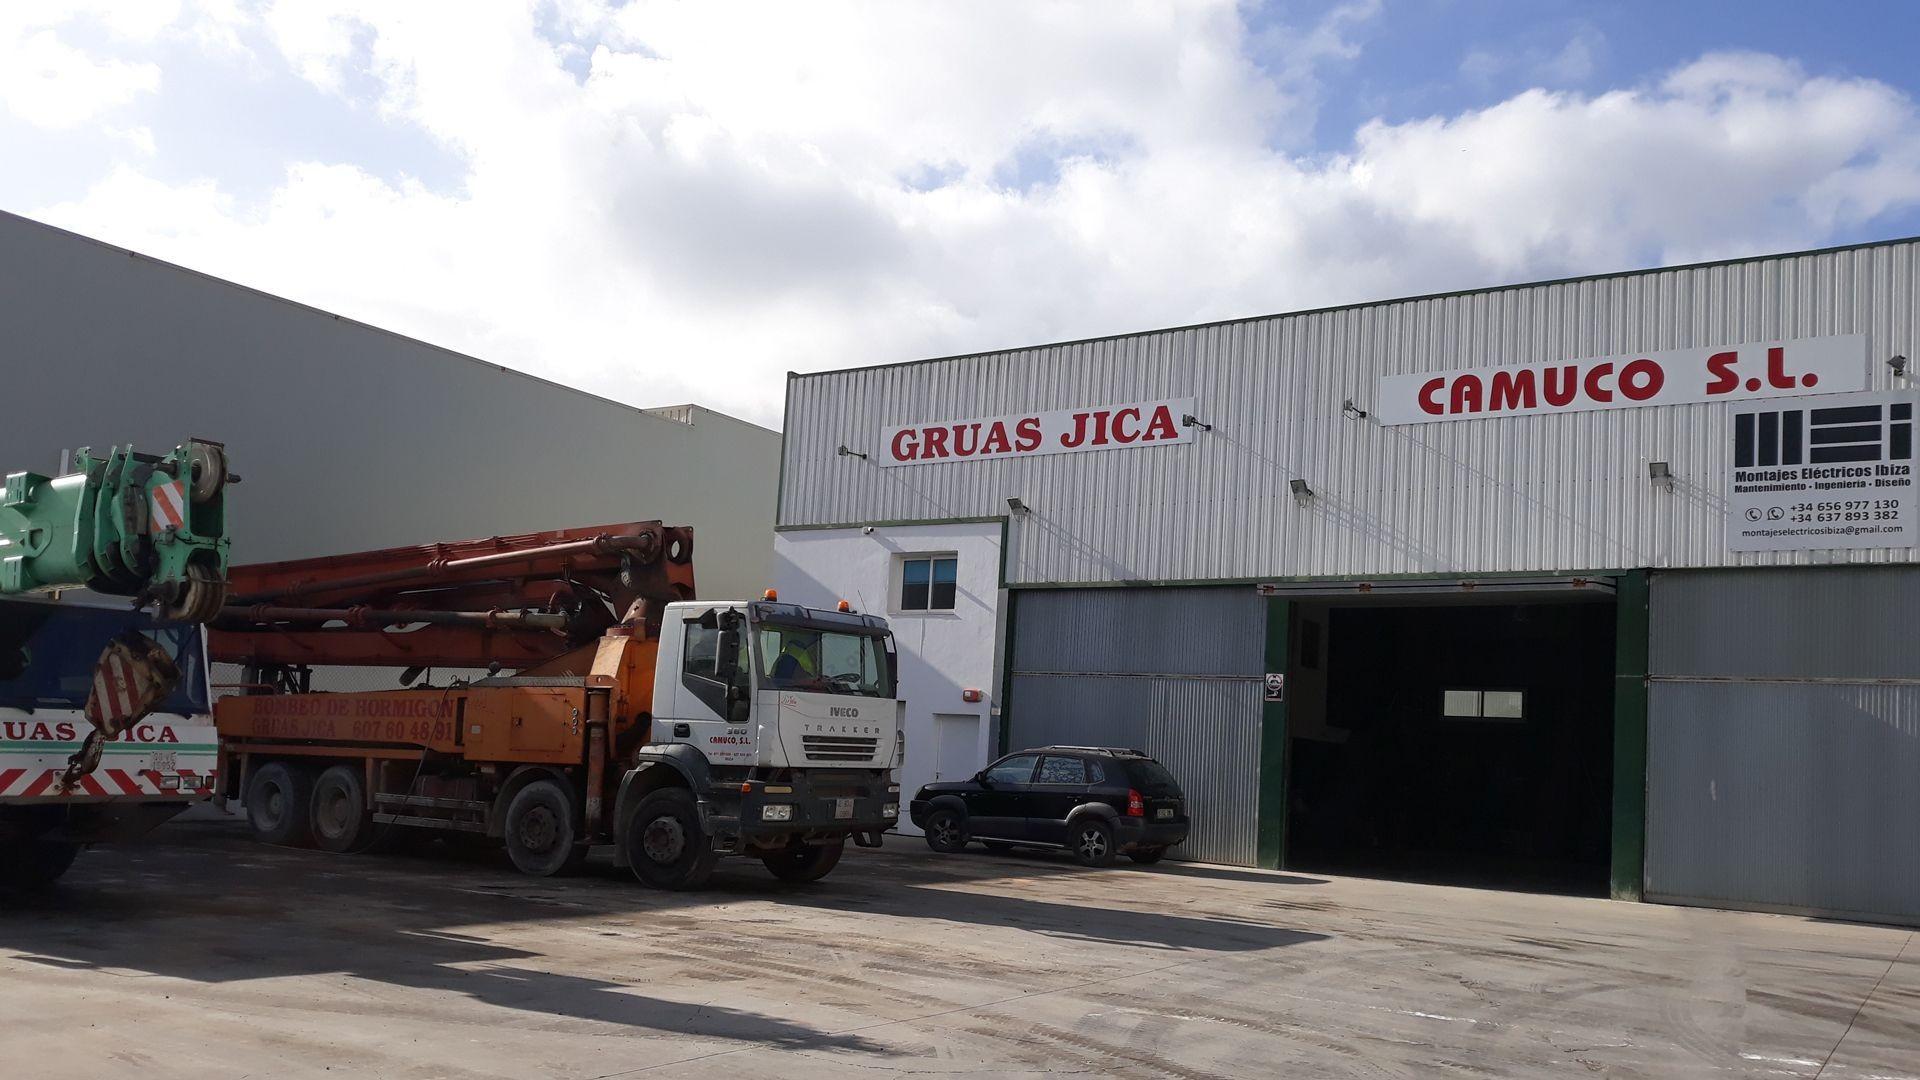 Grúas torre para la construcción y alquiler de grupos electrógenos en Ibiza